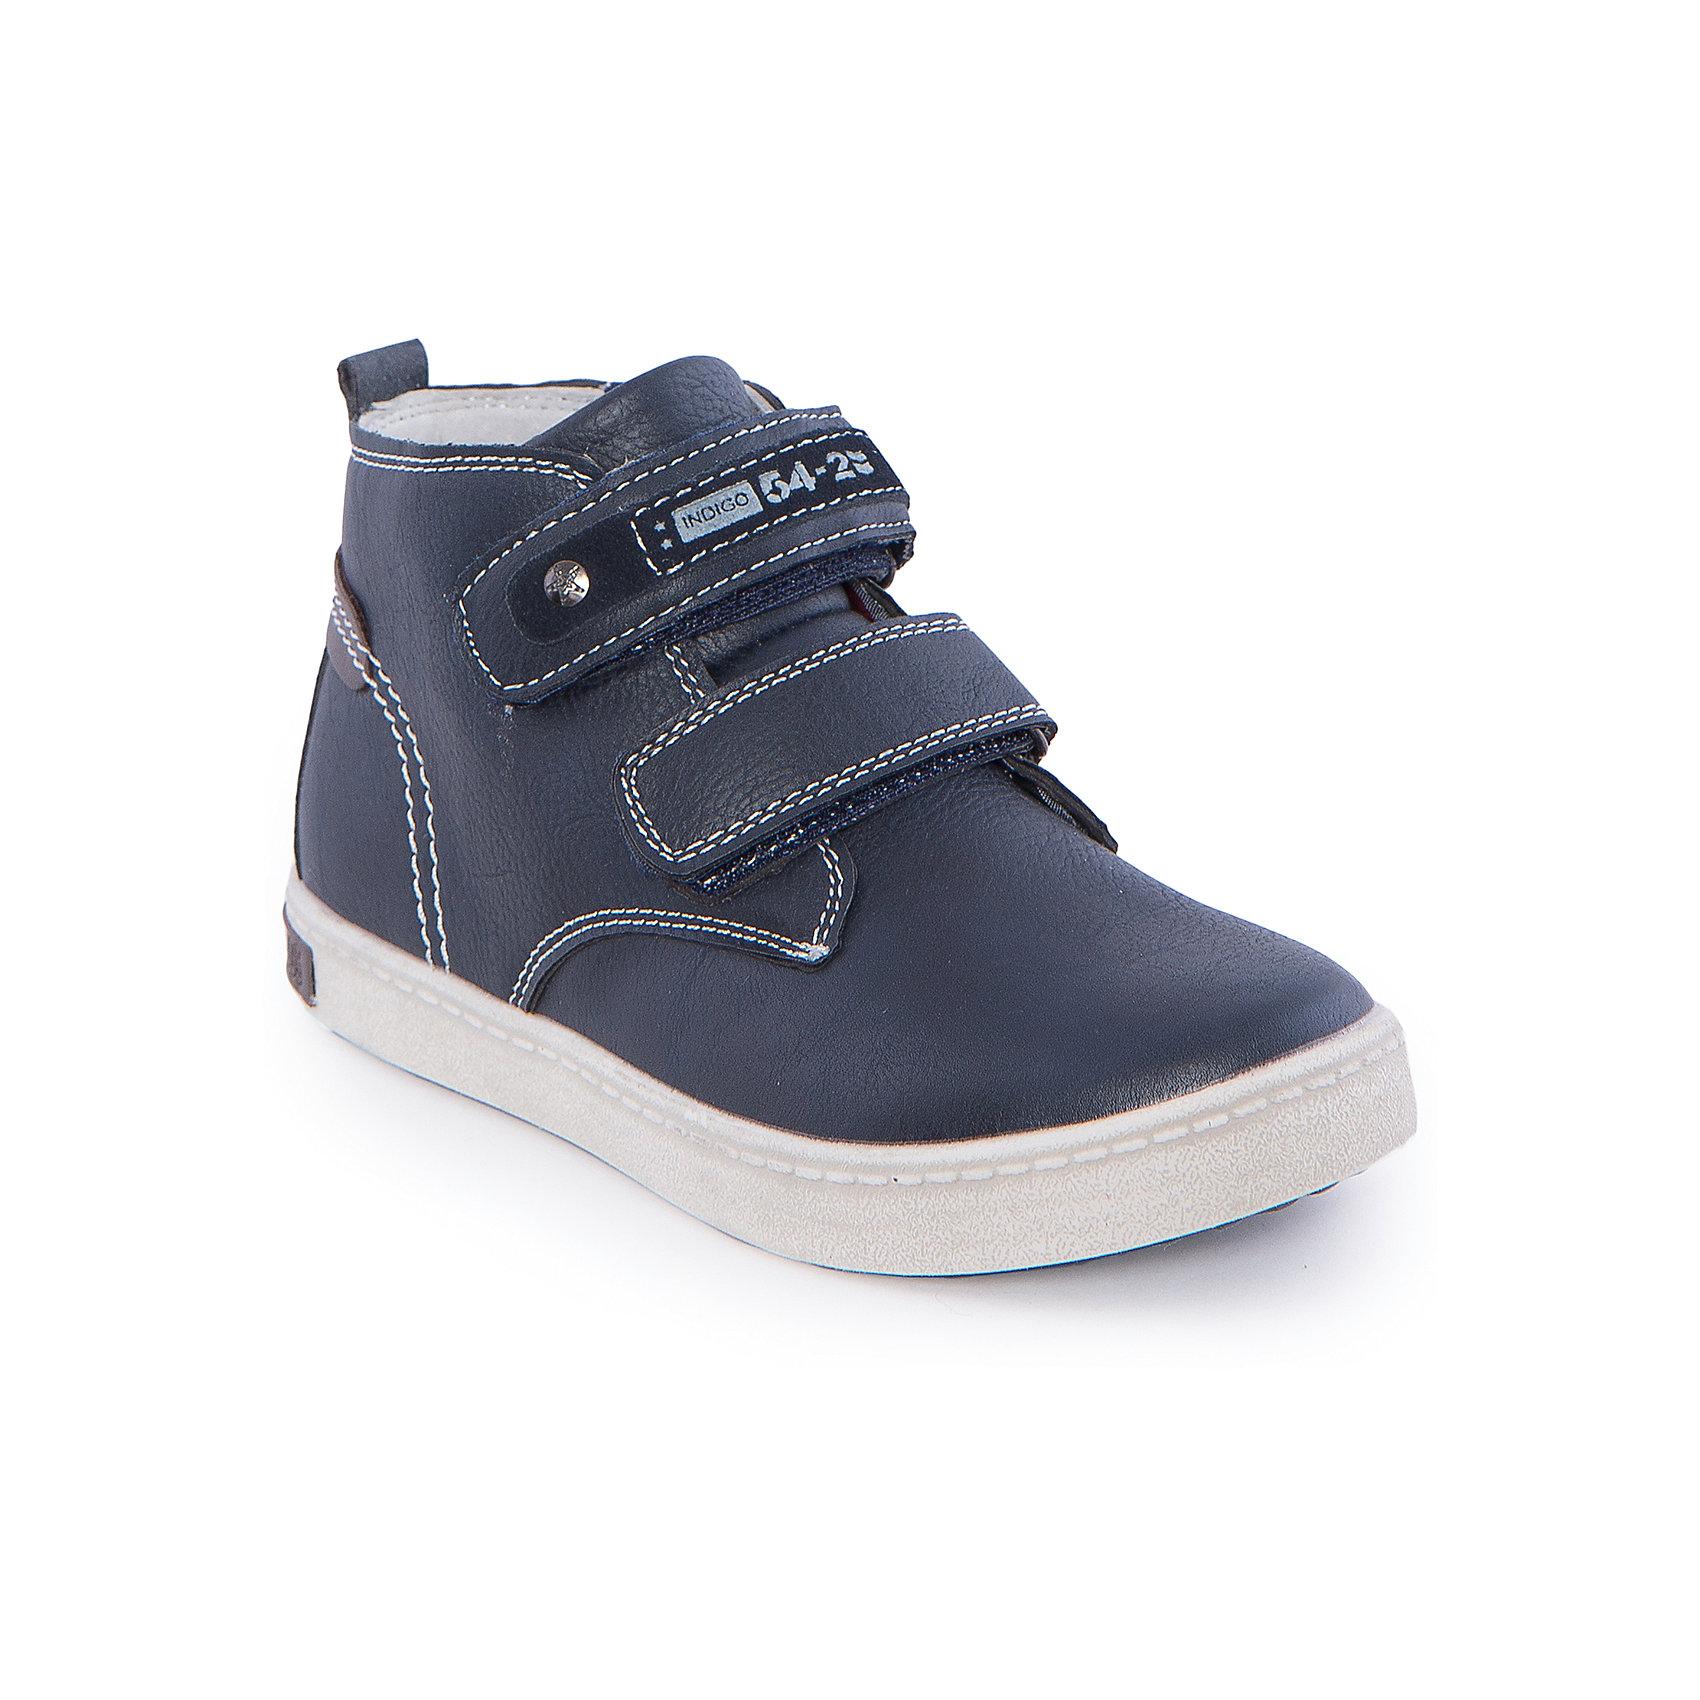 Ботинки для мальчика Indigo kidsБотинки для мальчика от известного бренда Indigo kids <br> <br>Оригинальные ботинки с завышенным голенищем созданы для прохладной погоды. Они очень стильно смотрятся. Ботинки легко надеваются, комфортно садятся по ноге, дают коже дышать. <br> <br>Особенности модели: <br> <br>- цвет: синий; <br>- стильный дизайн; <br>- удобная колодка; <br>- каблук; <br>- двойная контрастная прошивка; <br>- декорированы клепкой, нашивкой; <br>- устойчивая нескользящая подошва; <br>- застежка: липучки и молния. <br> <br>Дополнительная информация: <br> <br>Состав: <br> <br>верх – искусственная кожа; <br>подкладка - текстиль; <br>подошва - ТЭП. <br> <br>Температурный режим: <br>от +5°С до +20°С <br> <br>Ботинки для мальчика Indigo kids (Индиго Кидс) можно купить в нашем магазине.<br><br>Ширина мм: 262<br>Глубина мм: 176<br>Высота мм: 97<br>Вес г: 427<br>Цвет: синий<br>Возраст от месяцев: 144<br>Возраст до месяцев: 156<br>Пол: Мужской<br>Возраст: Детский<br>Размер: 36,31,32,33,34,35<br>SKU: 4547866